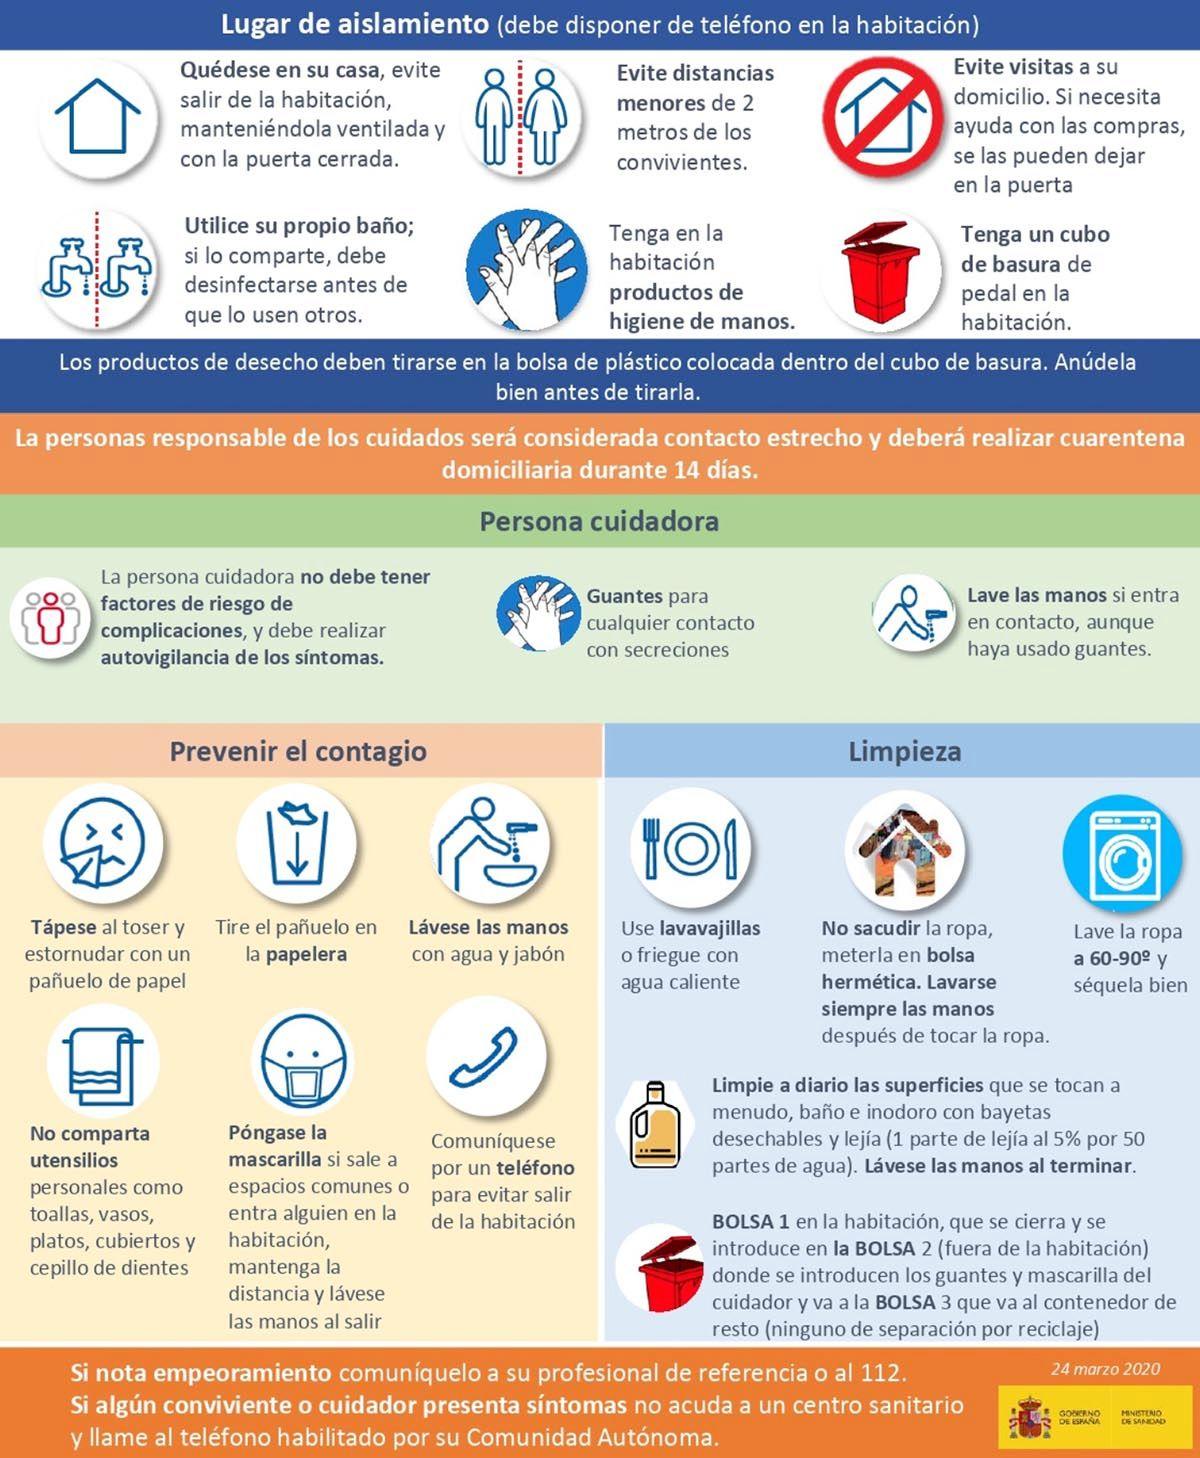 Recomendaciones para aislamiento coronavirus